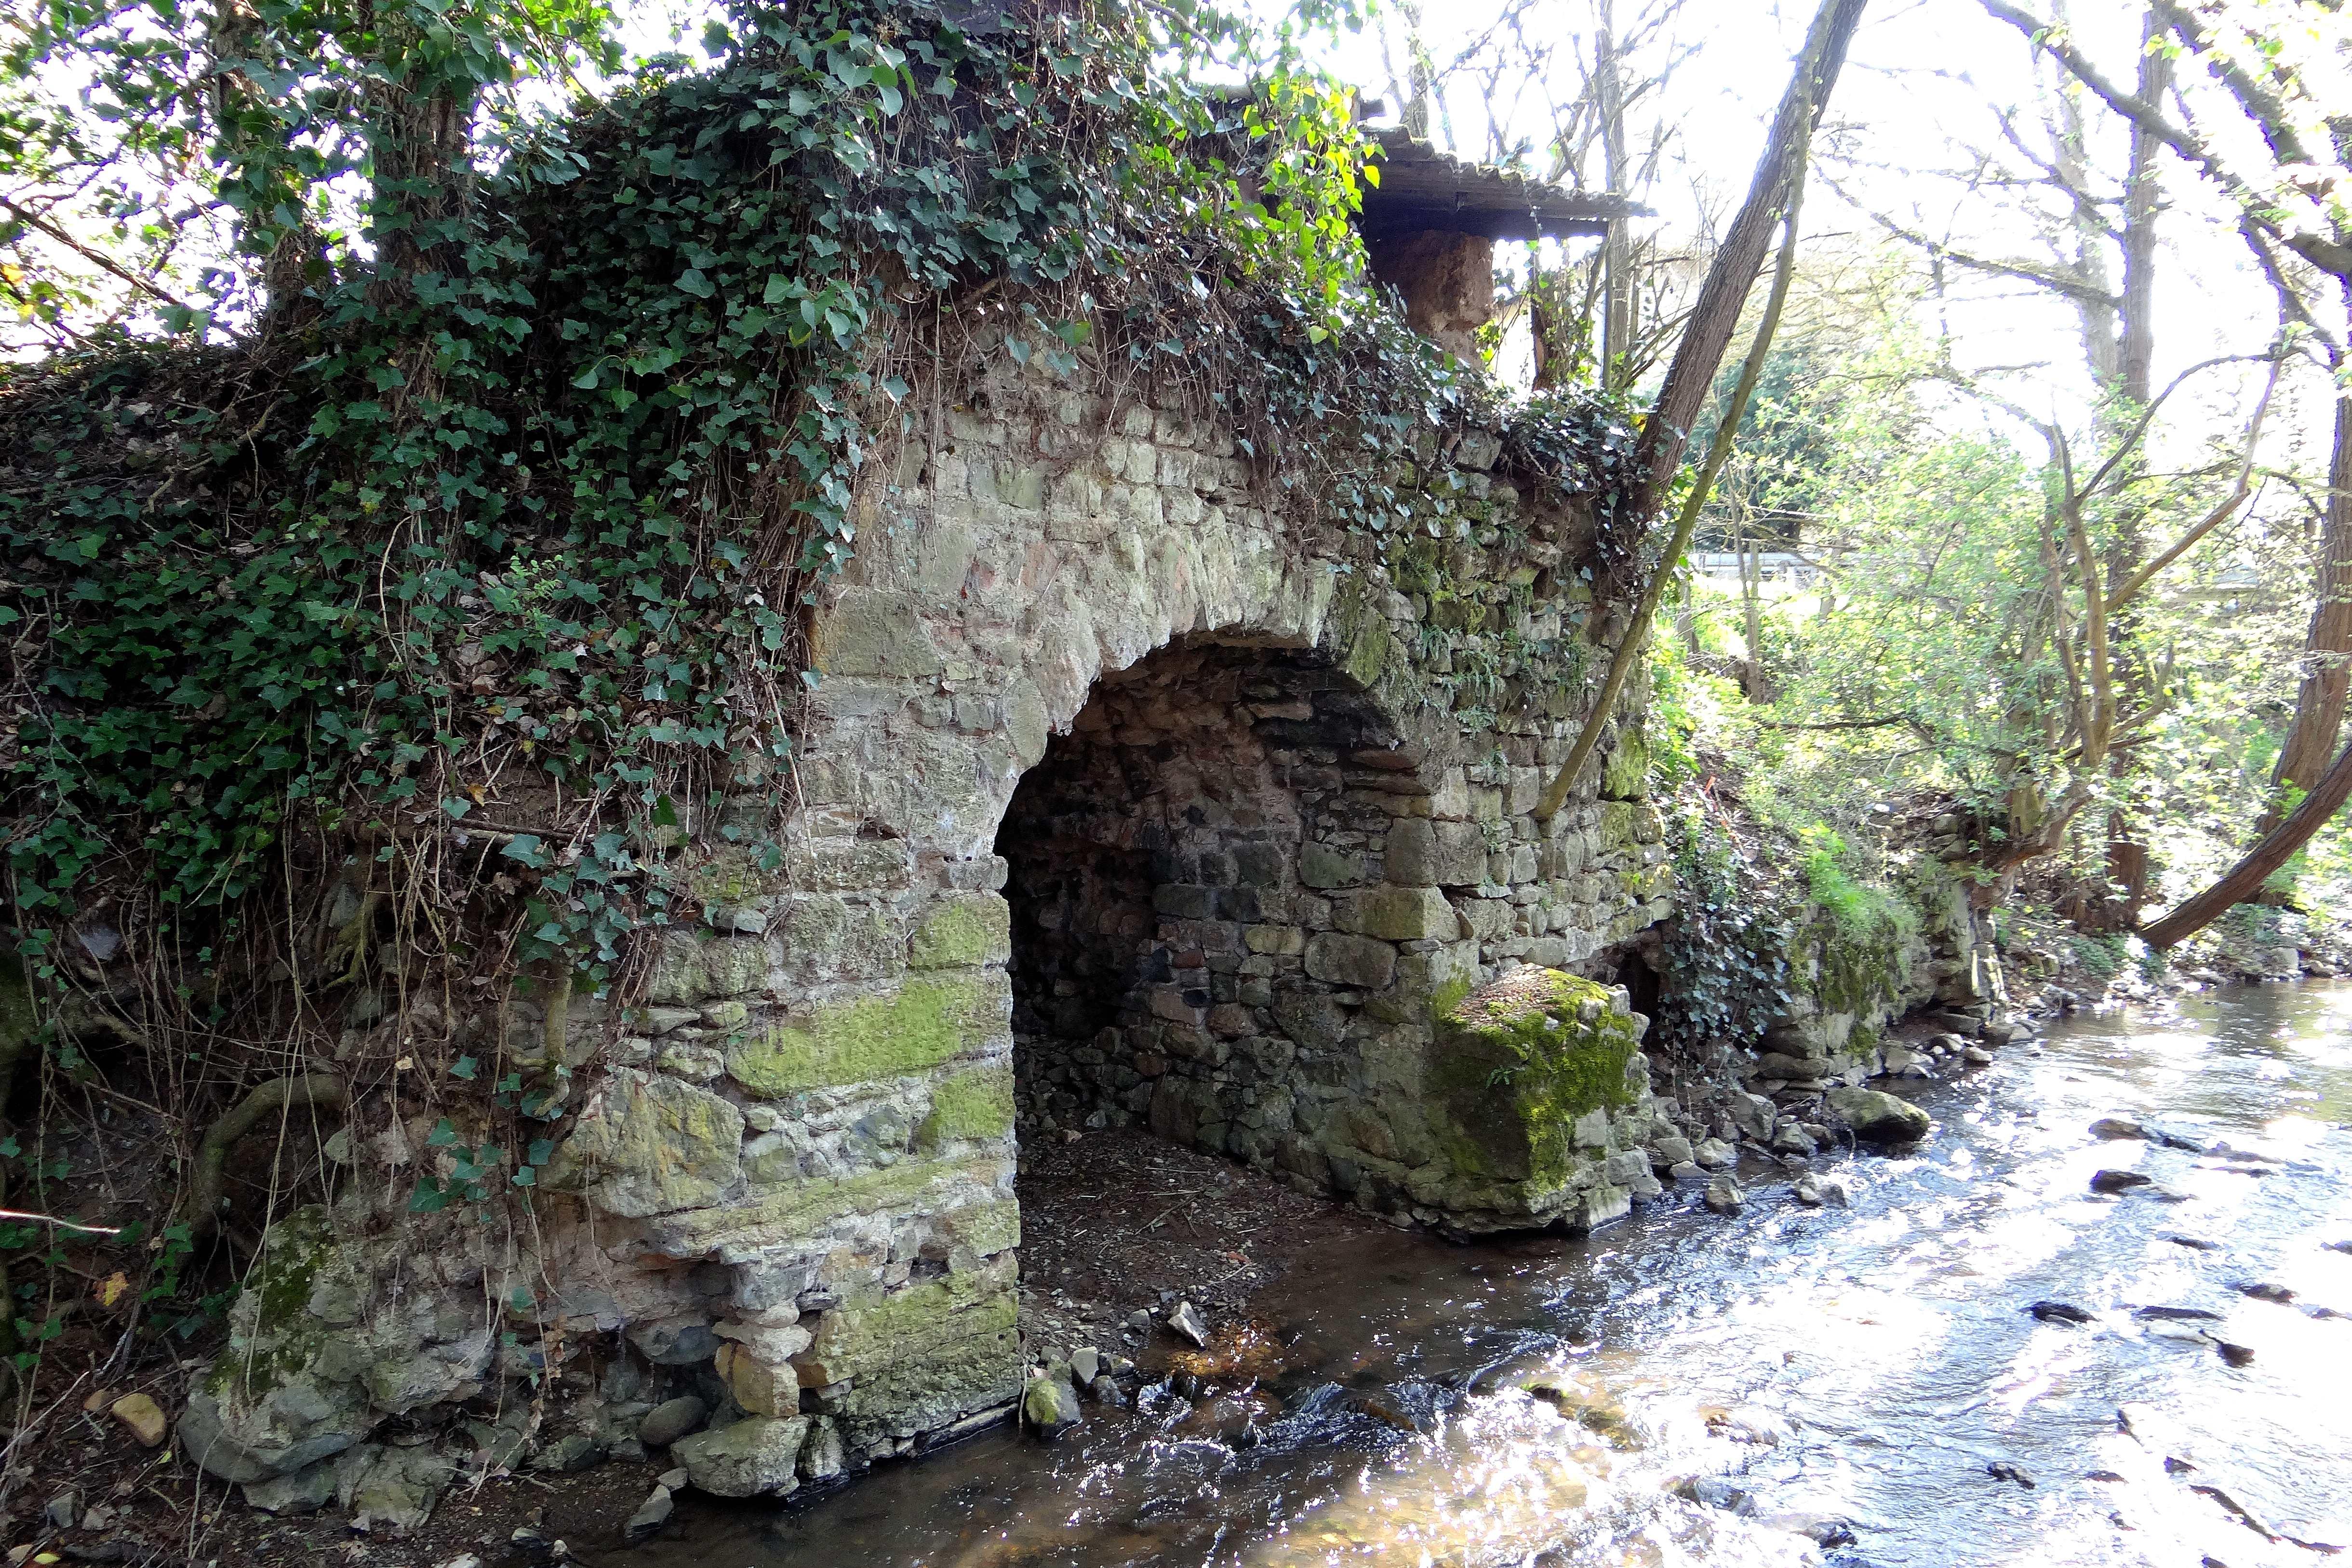 Moulin-à-chanvre